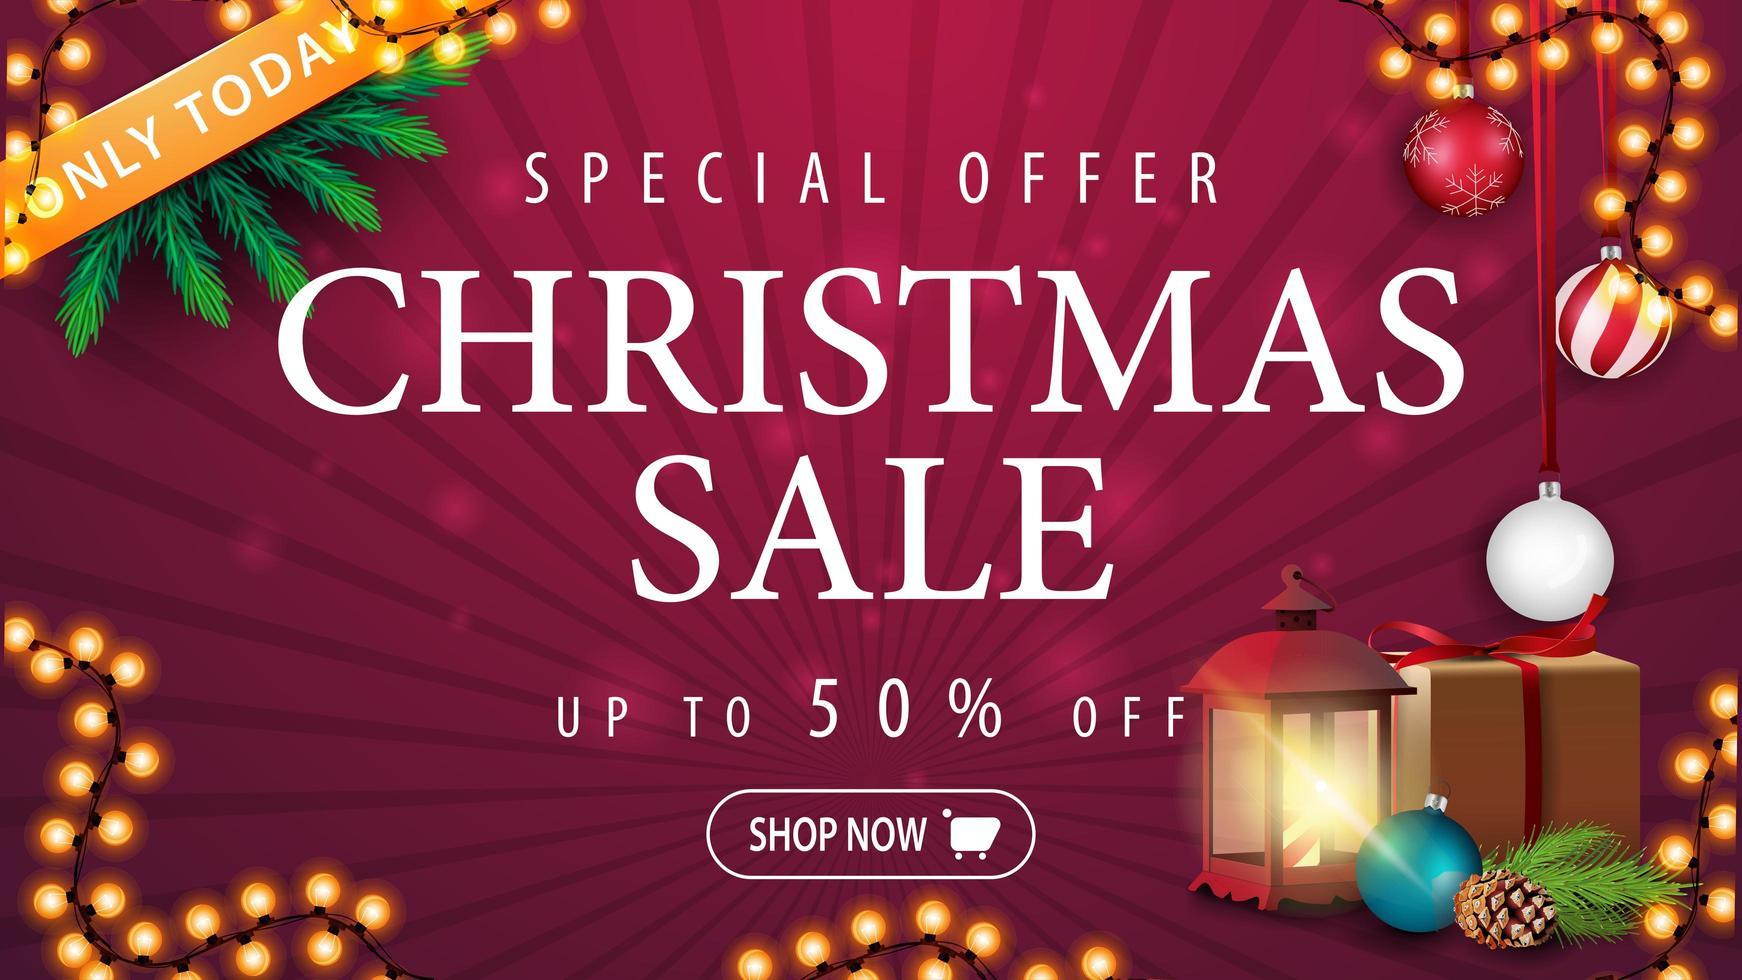 nur heute, Weihnachtsverkauf, bis zu 50 Rabatt, lila Rabatt Banner mit Geschenk, Vintage Laterne, Weihnachtsbaum Ast mit einem Kegel und einem Weihnachtsball vektor